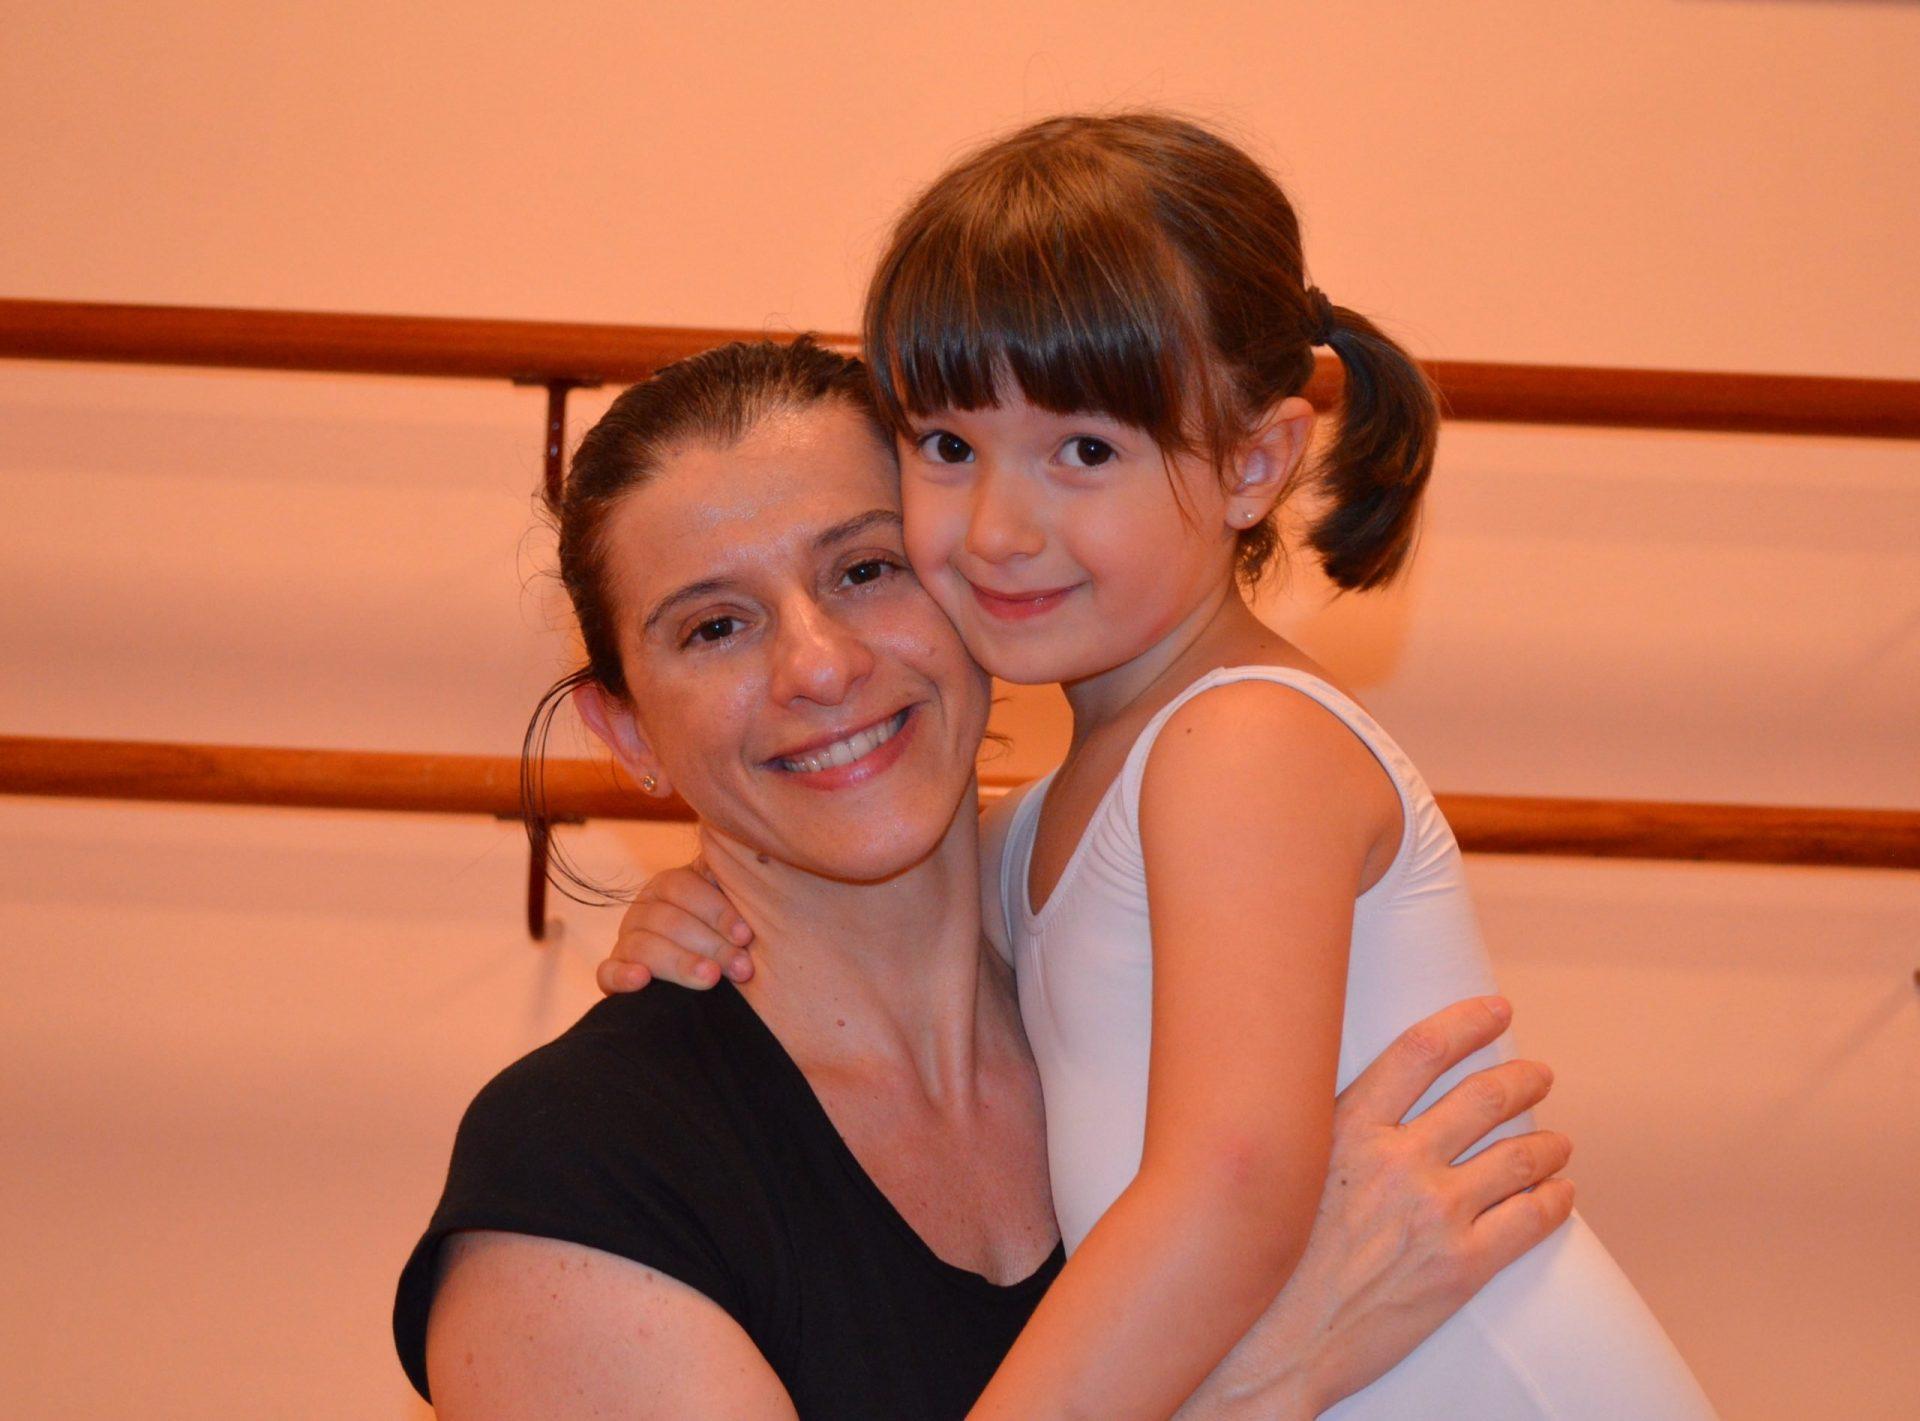 Foto de Sandra Santa Cruz y su sobrina Lorena abrazadas, en el Centro de Danza Sandra Santa Cruz donde con gran complicidad y sonrisa se preparan para contarnos vivencias de la escuela